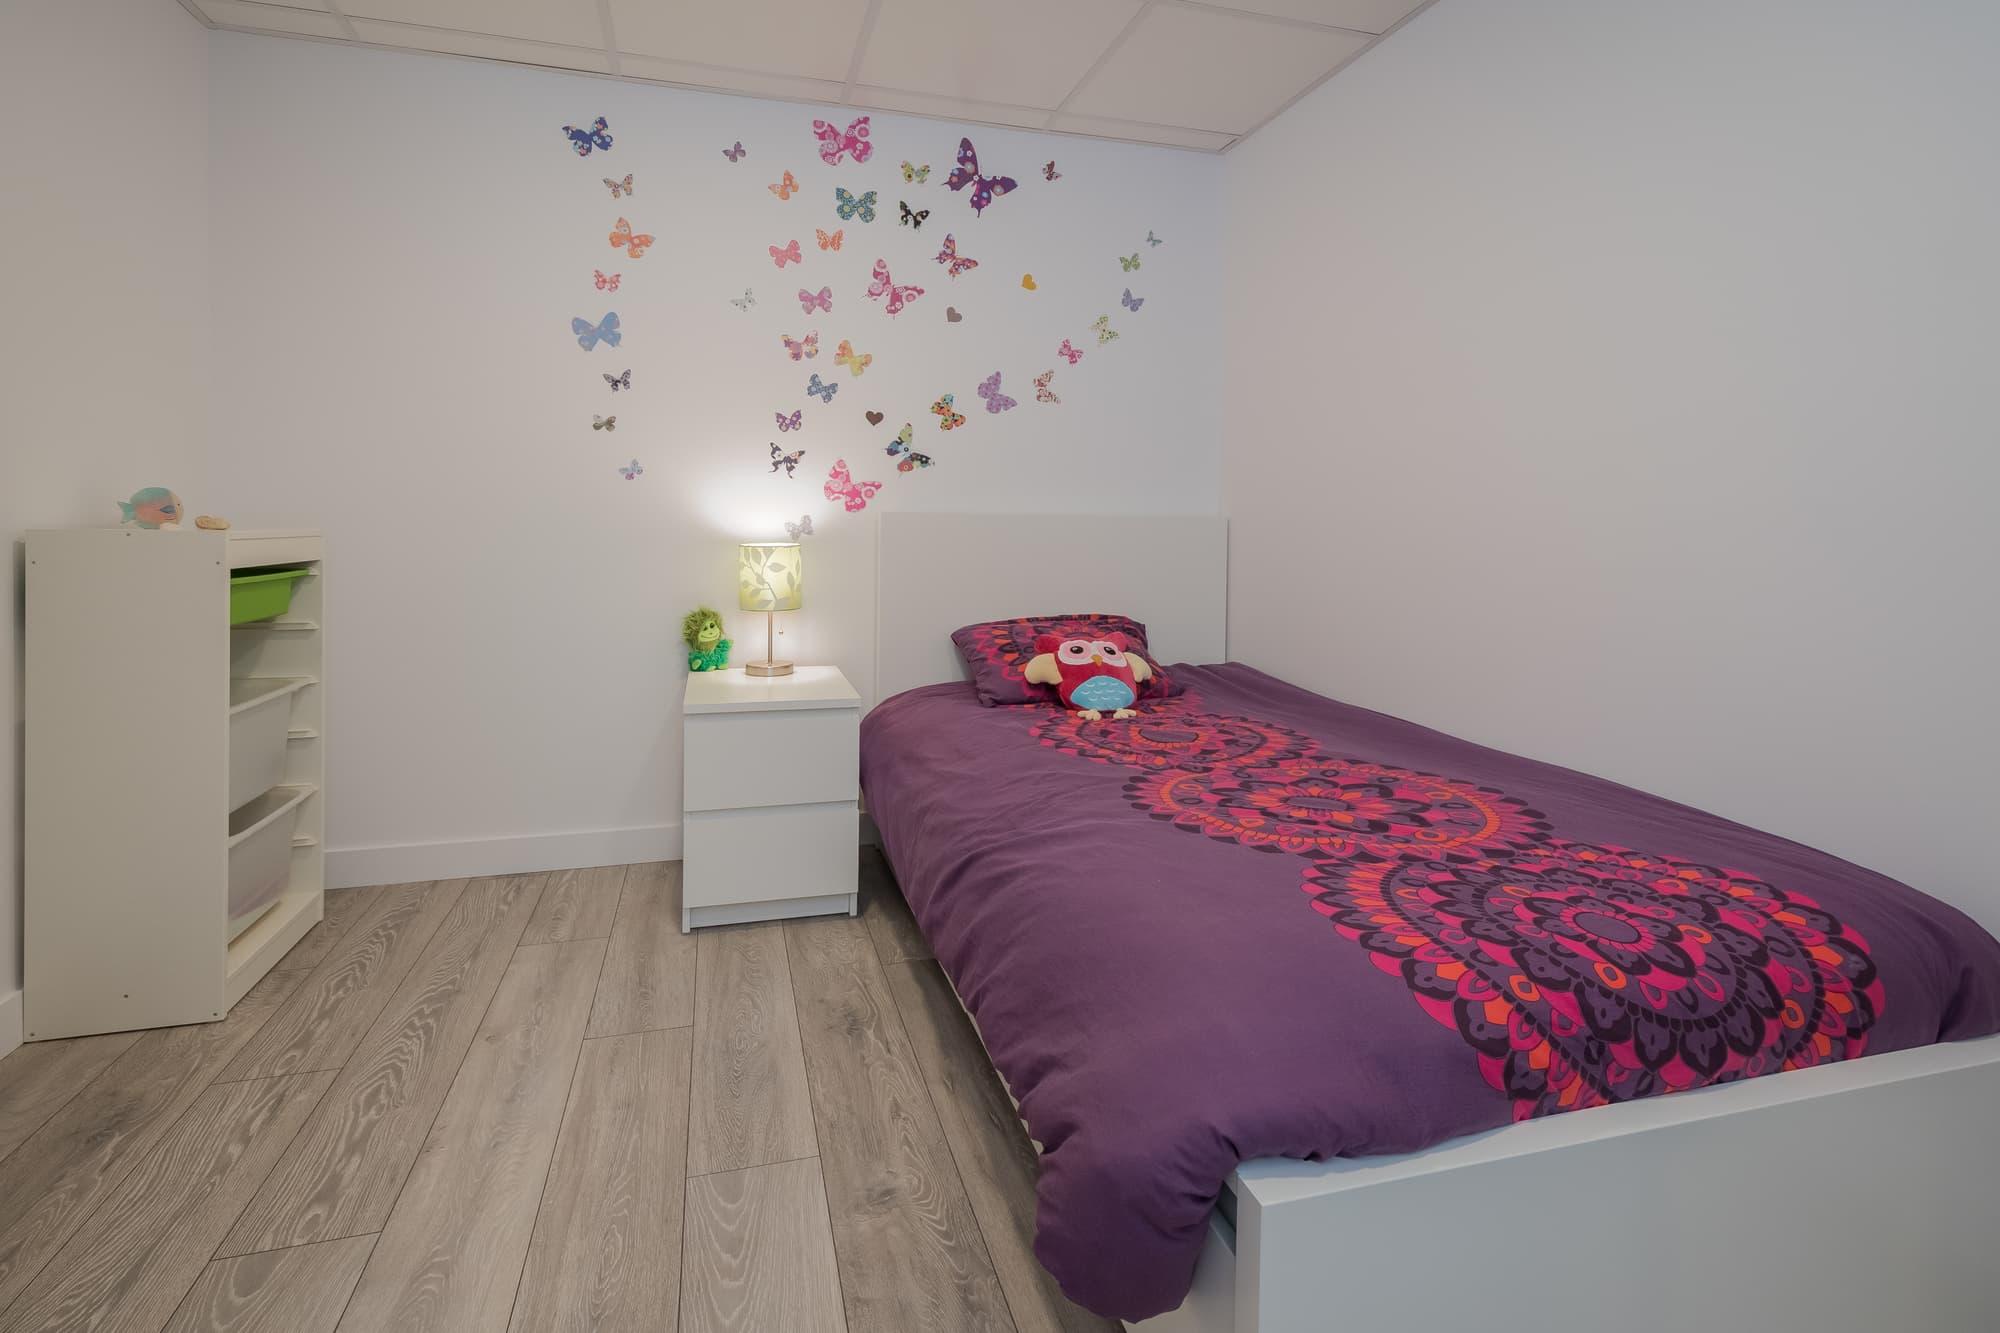 chambre d'enfant (fillette) avec couvre-lit mauve et papillons sur le mur dans un sous-sol nouvellement rénové